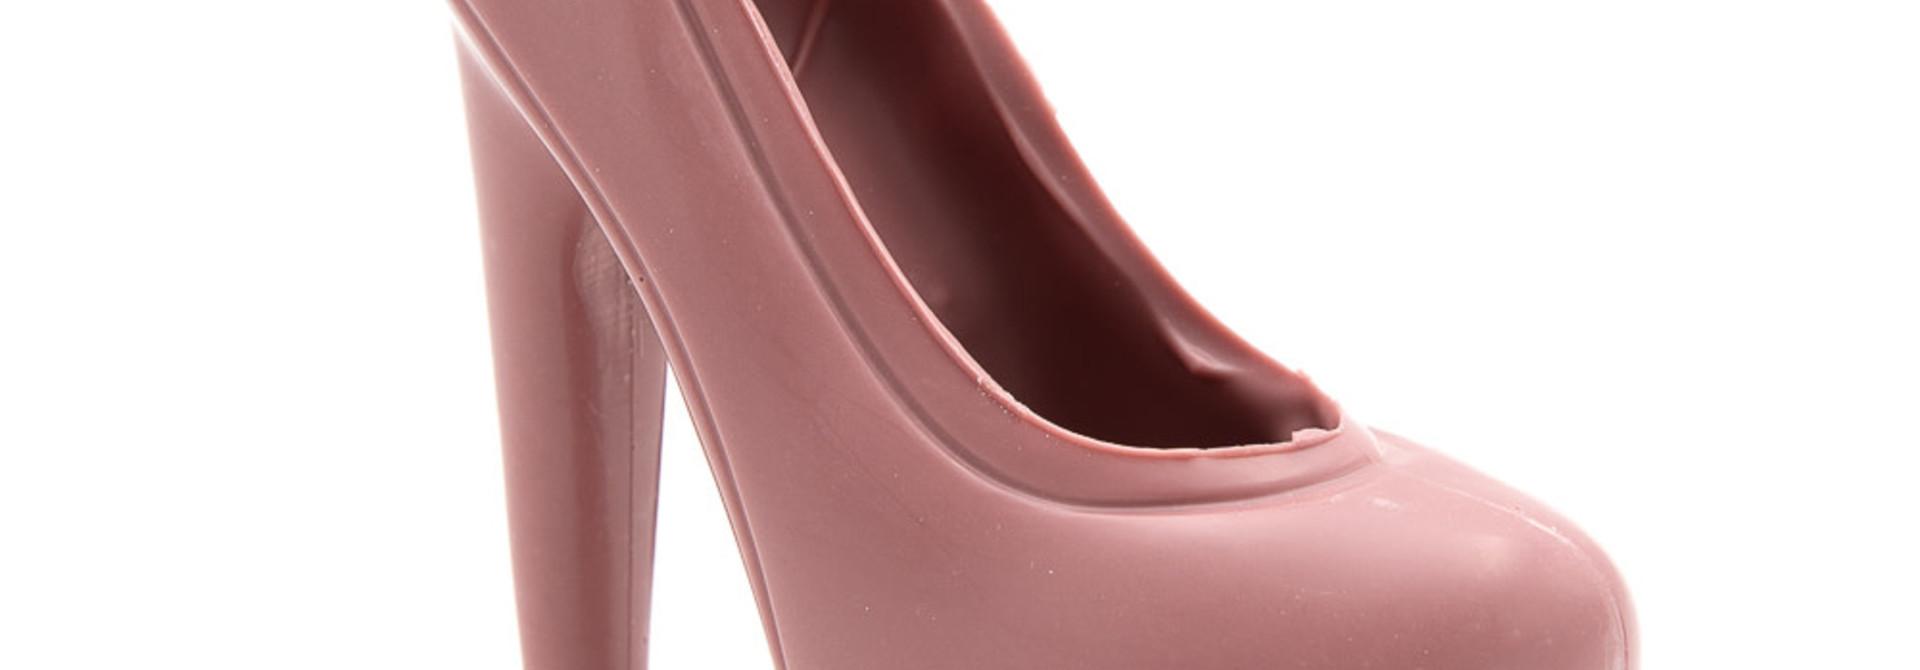 XL high heels ruby 180Grs